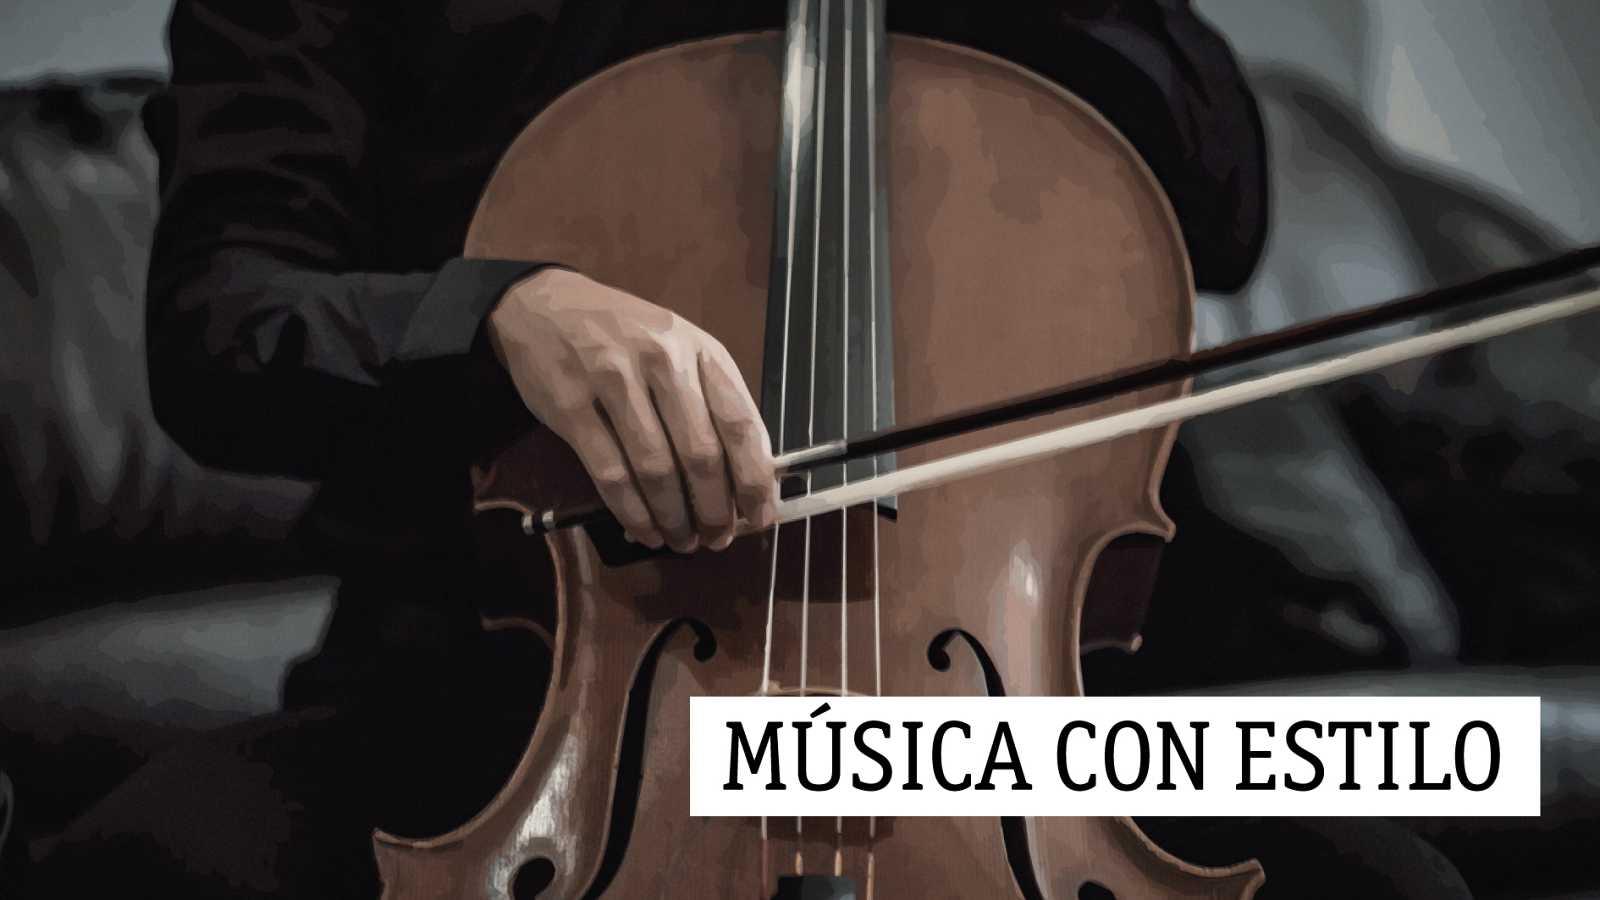 Música con estilo - Madame Bovary - 29/09/19 - escuchar ahora